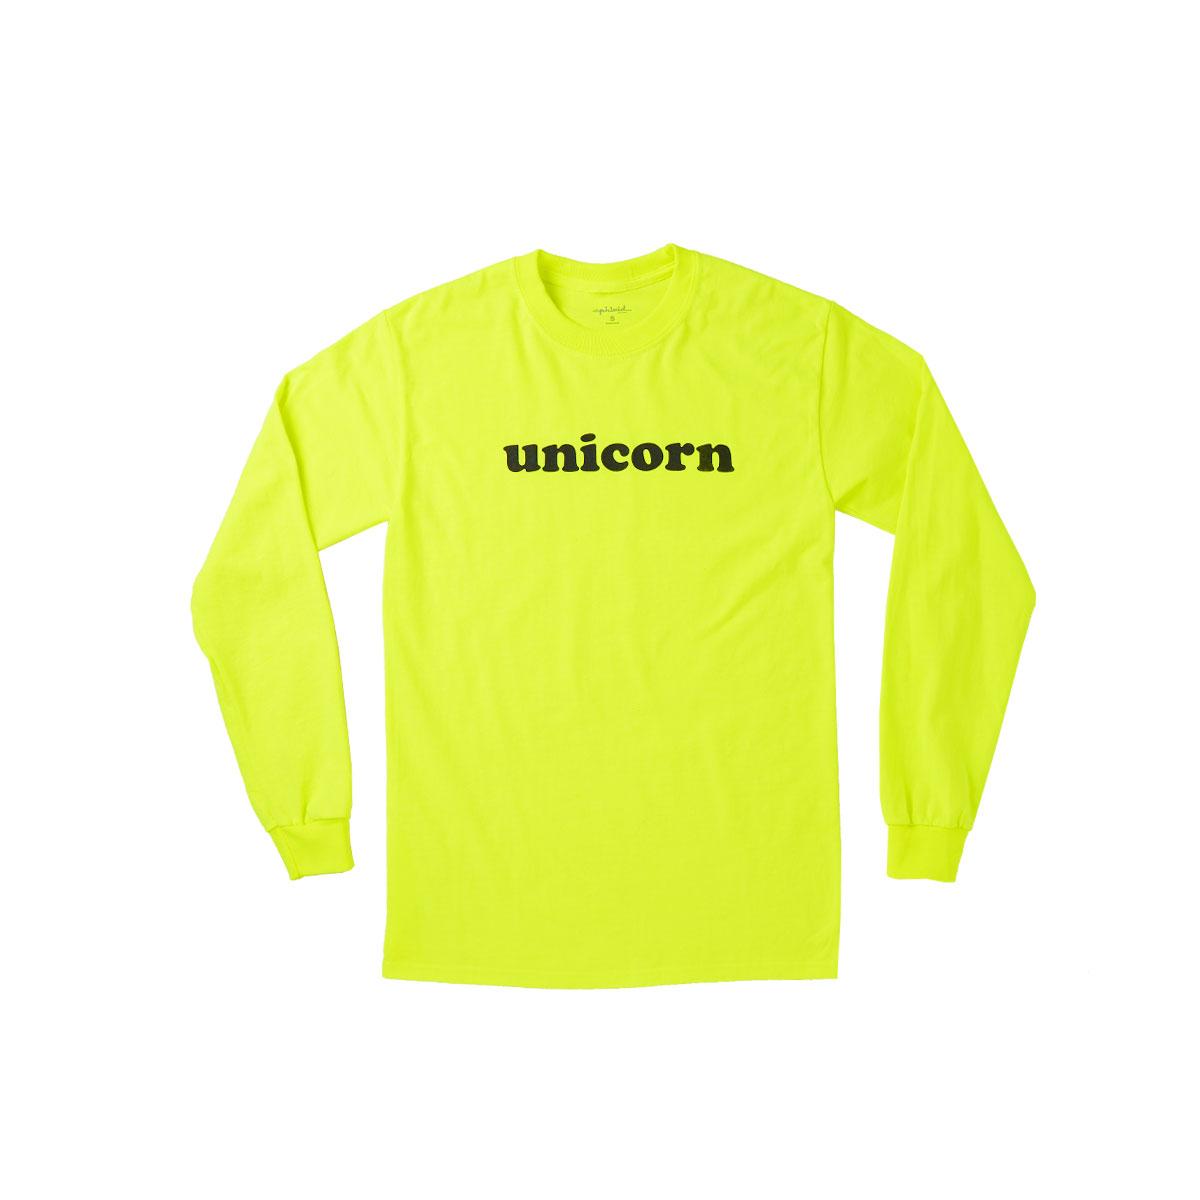 Unicorn Long-Sleeve Tee $45